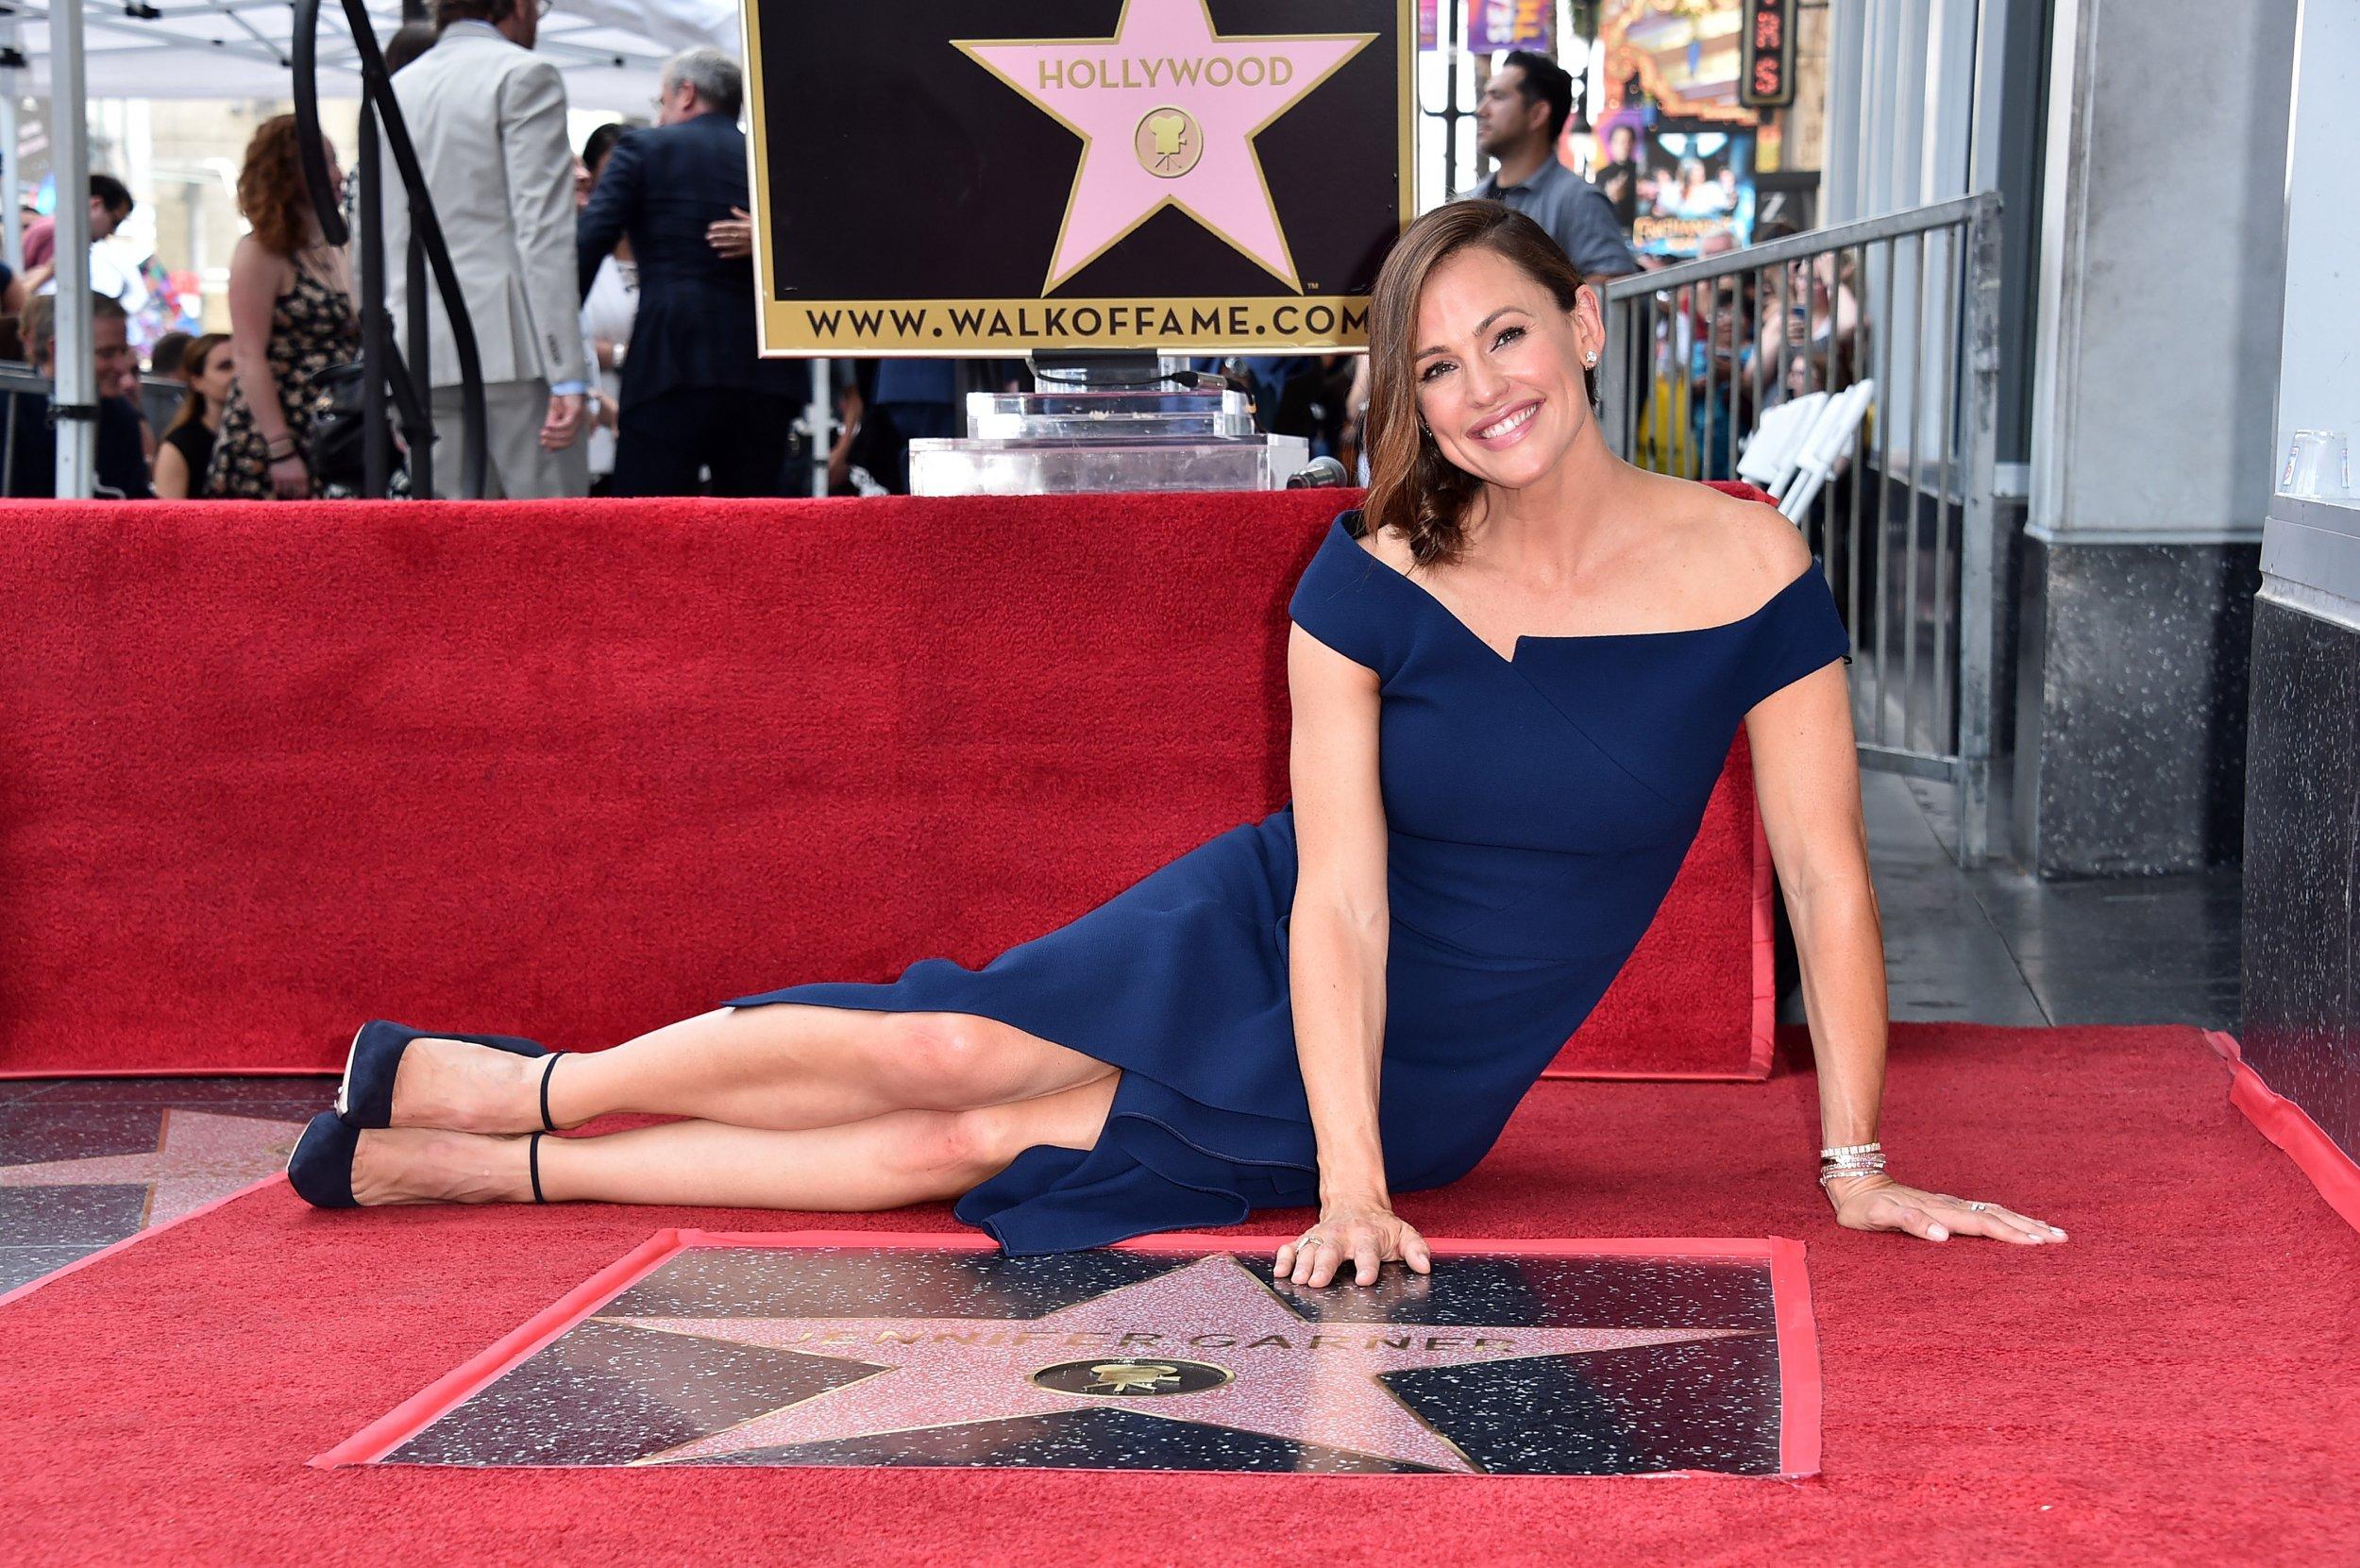 Jennifer Garner Walk of Fame Star